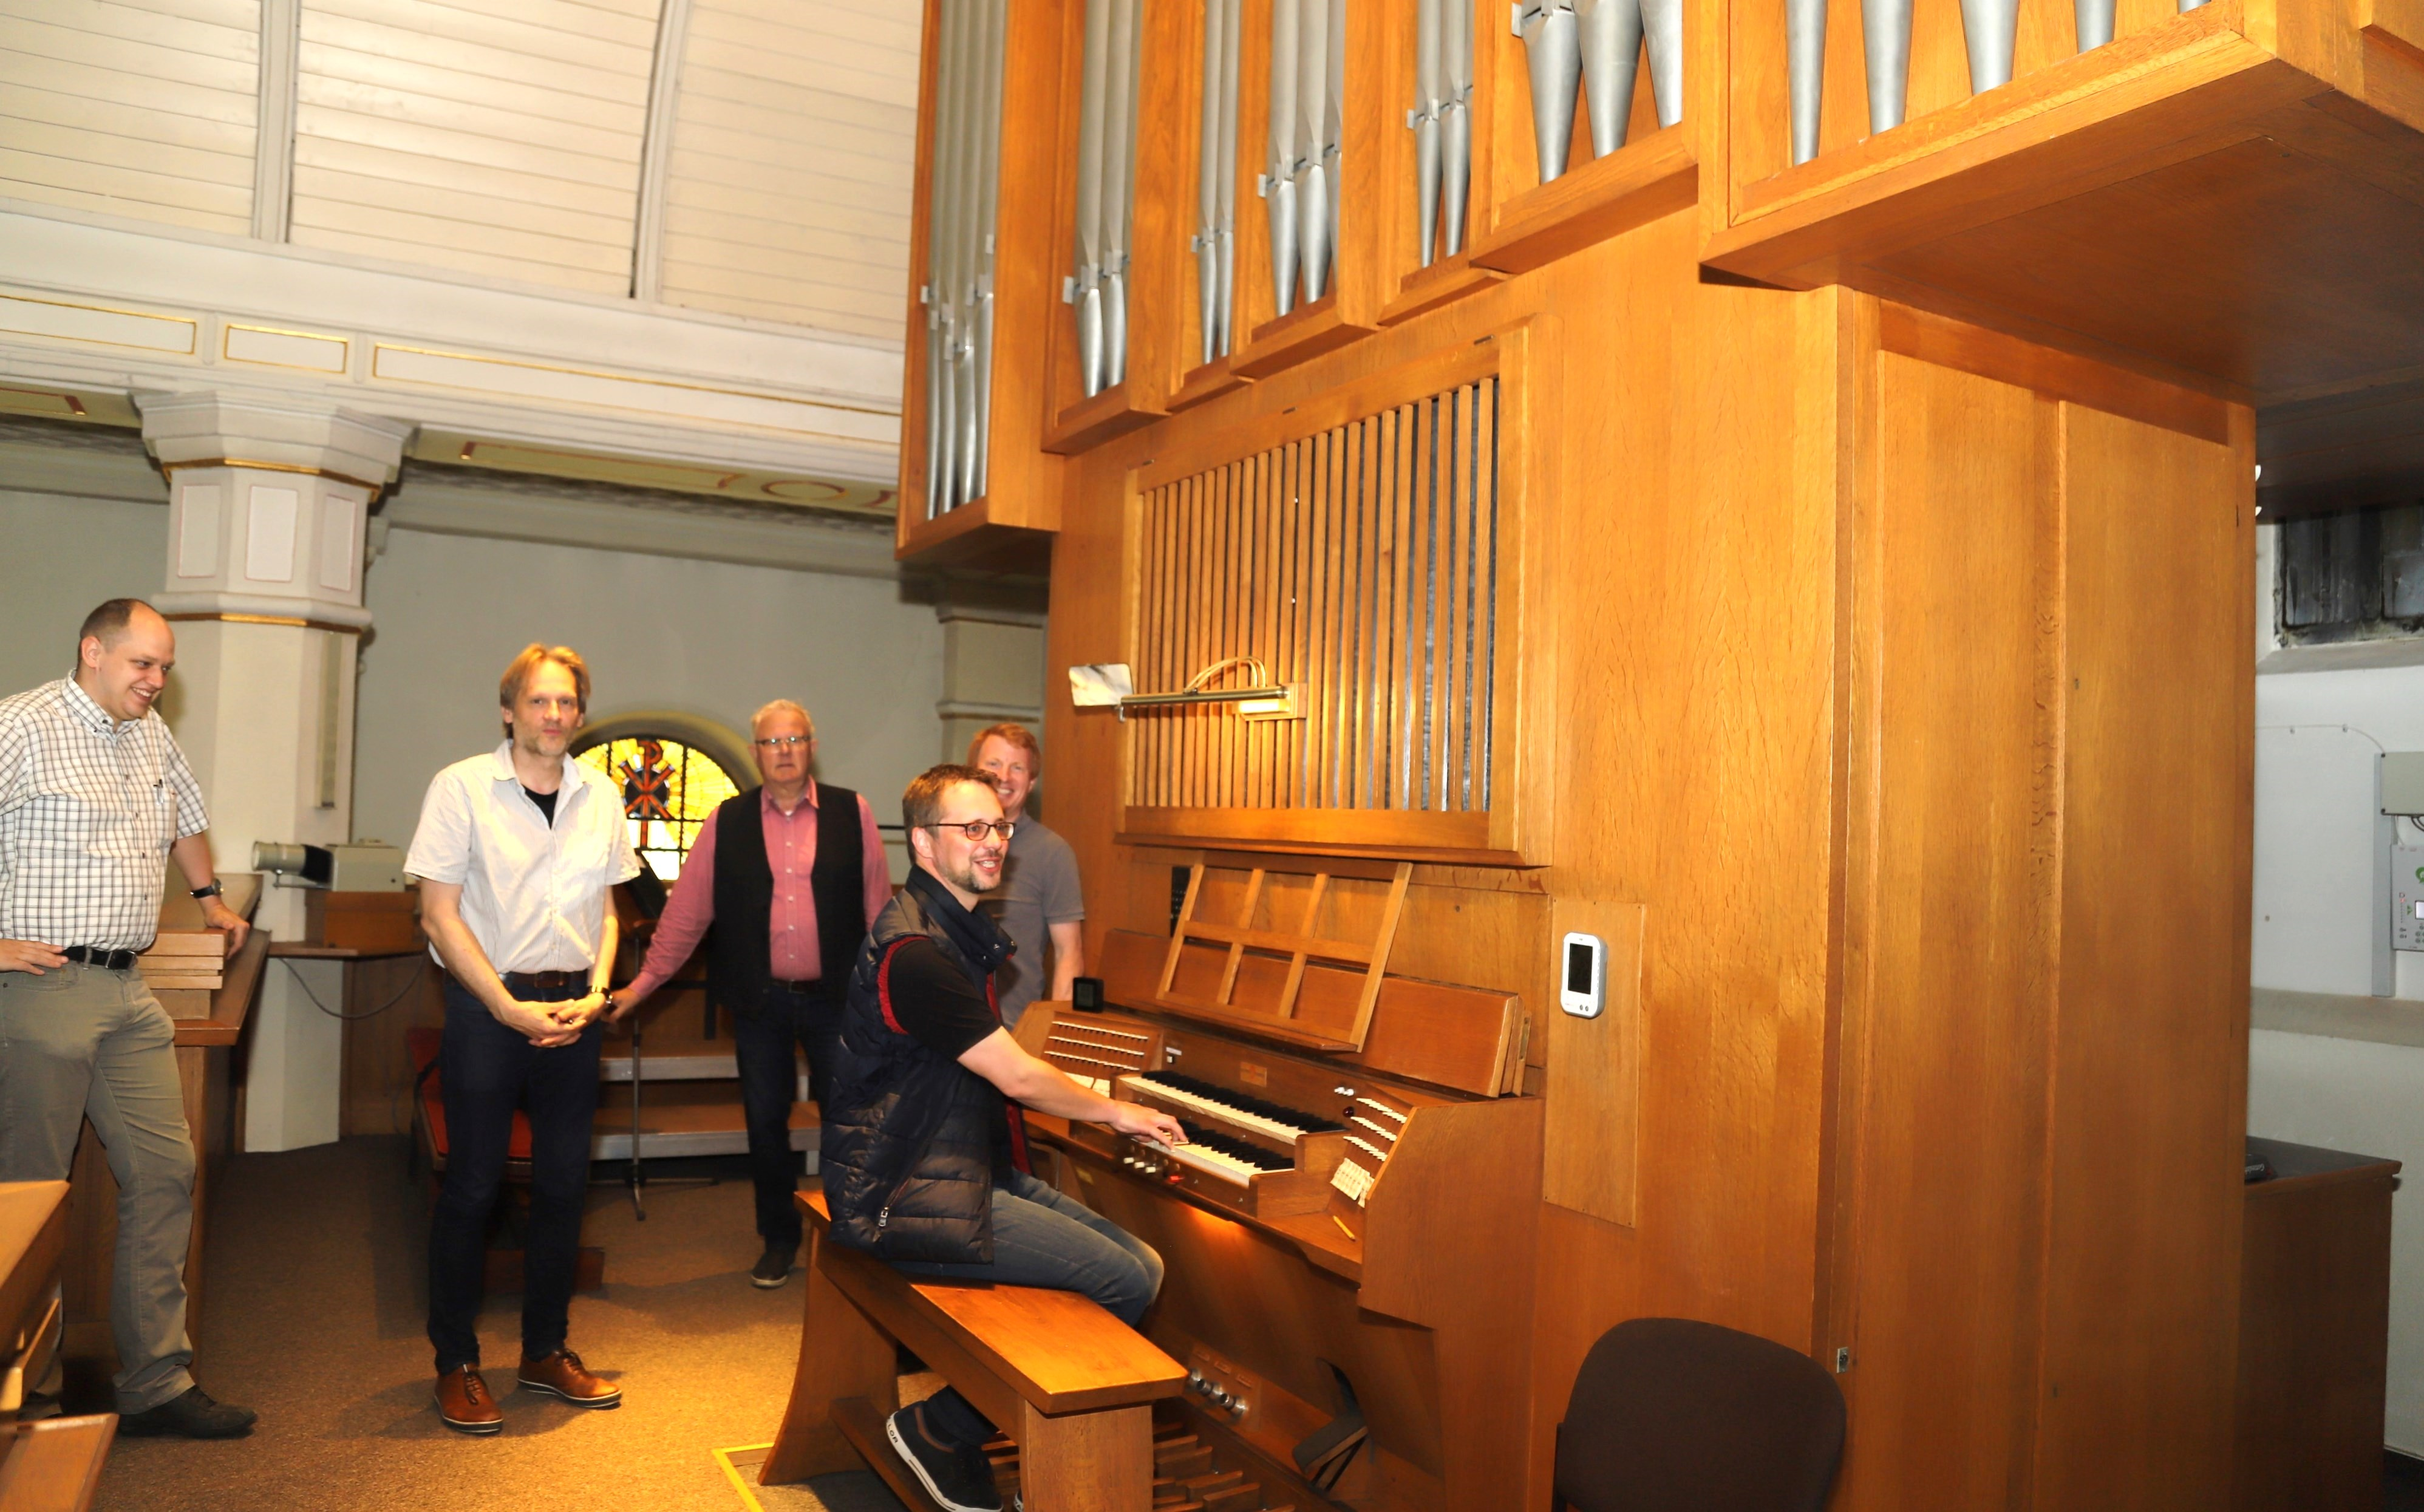 Zufrieden mit Ergebnis:  Erstmals nach der Generalüberholung ließ Dr. Gabriel Isenberg die Orgel erklingen. Es lauschten (von links) Christoph Thiemann, Thorsten Konigorski, Hans Geesen und Willehard Schomberg.  Foto:  C. Passmann